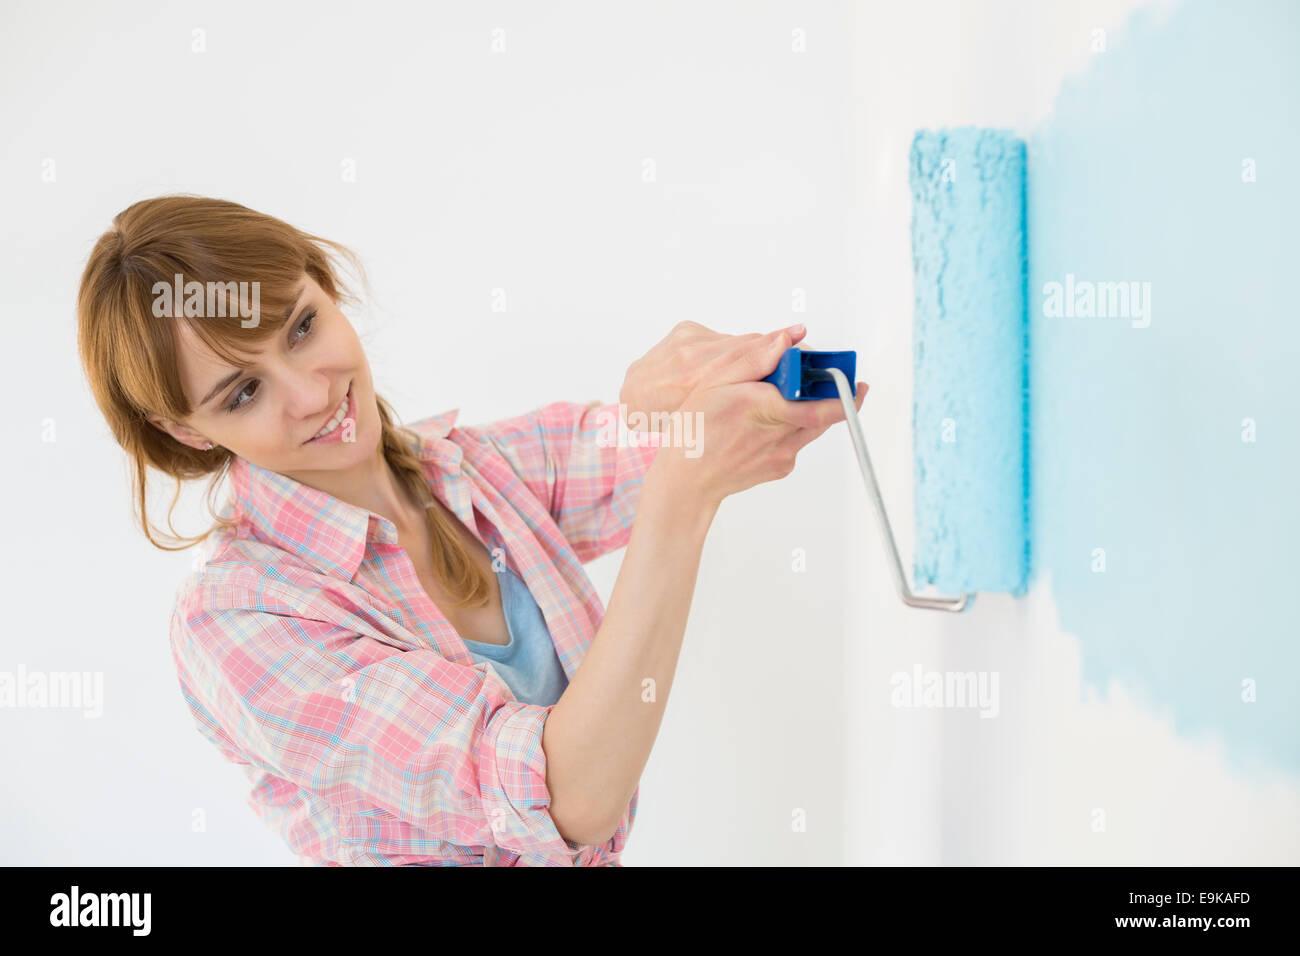 Bella donna pittura parete con rullo di vernice Immagini Stock